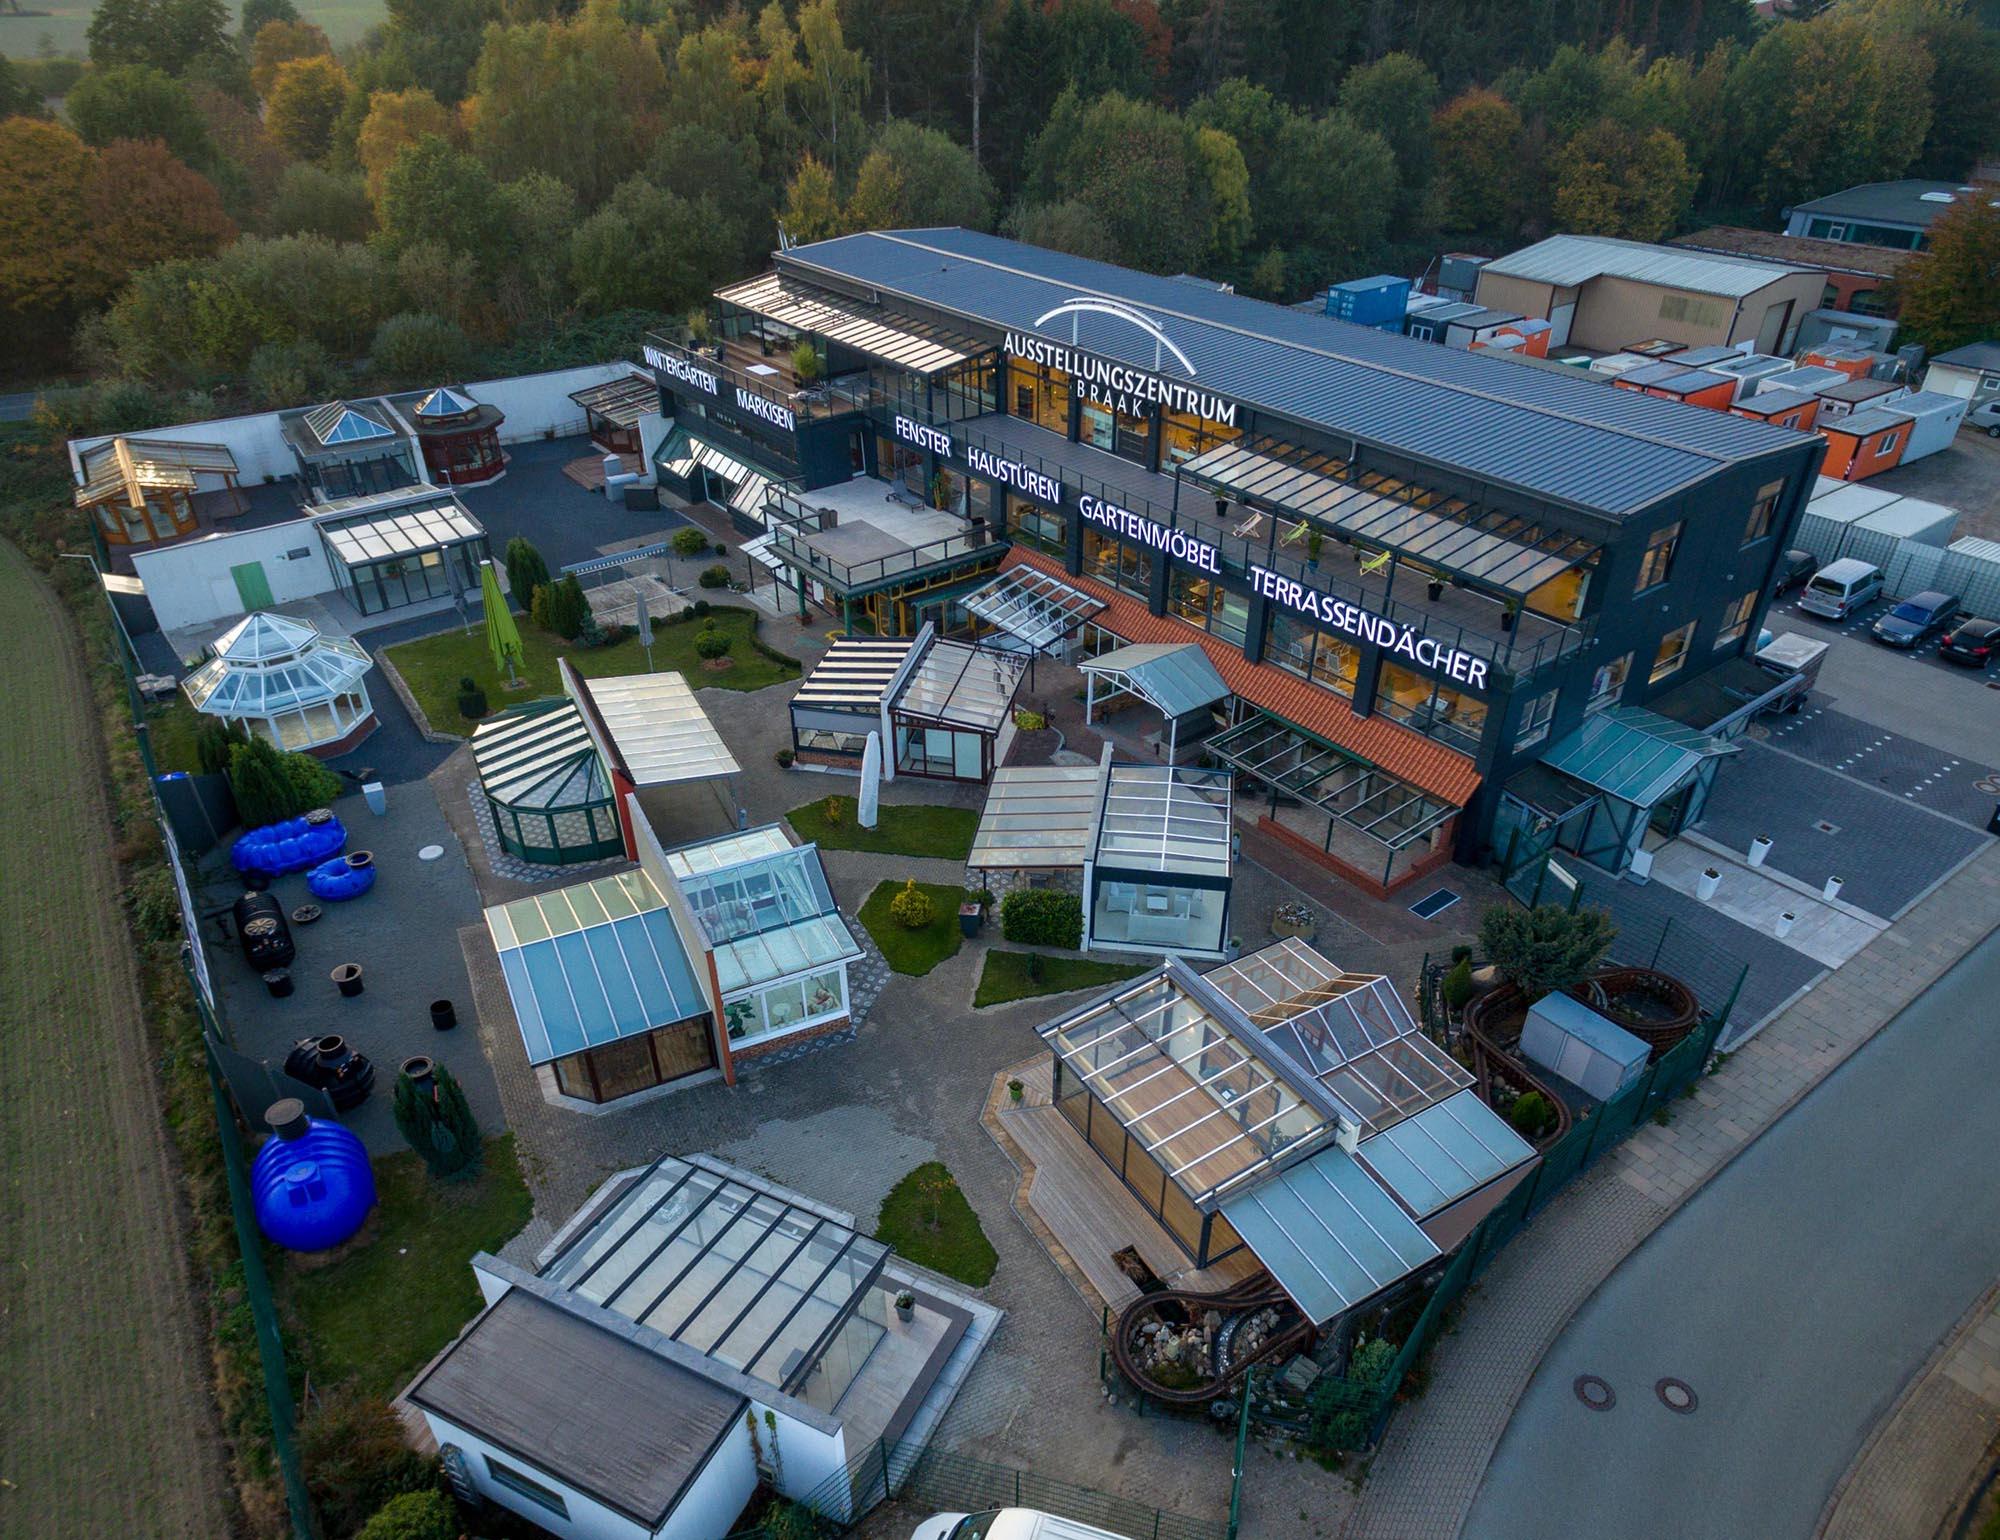 Wintergarten Ausstellung - Ansicht von oben